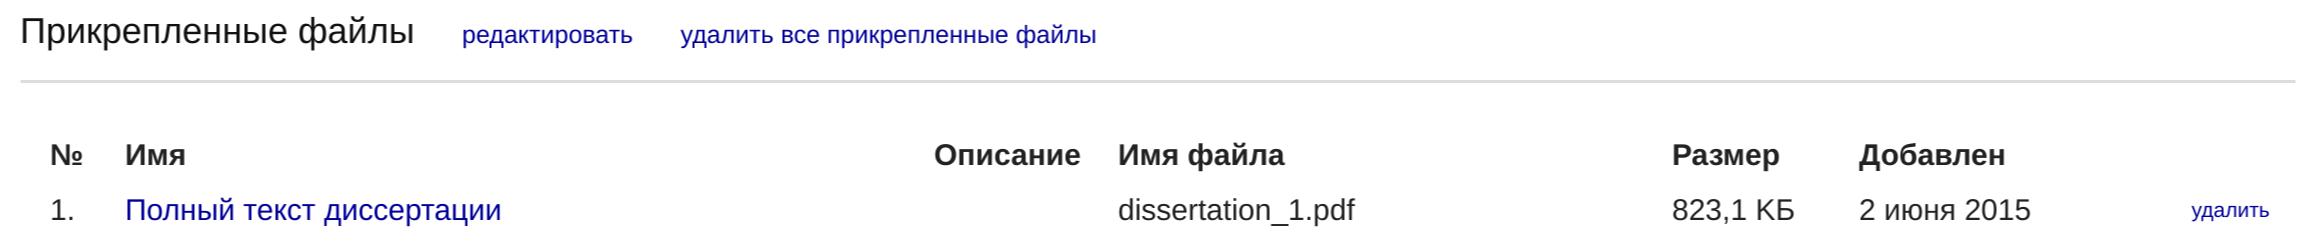 Процессы рассмотрения и защиты диссертации Документация ИСТИНА  Редактирование прикреплённых файлов